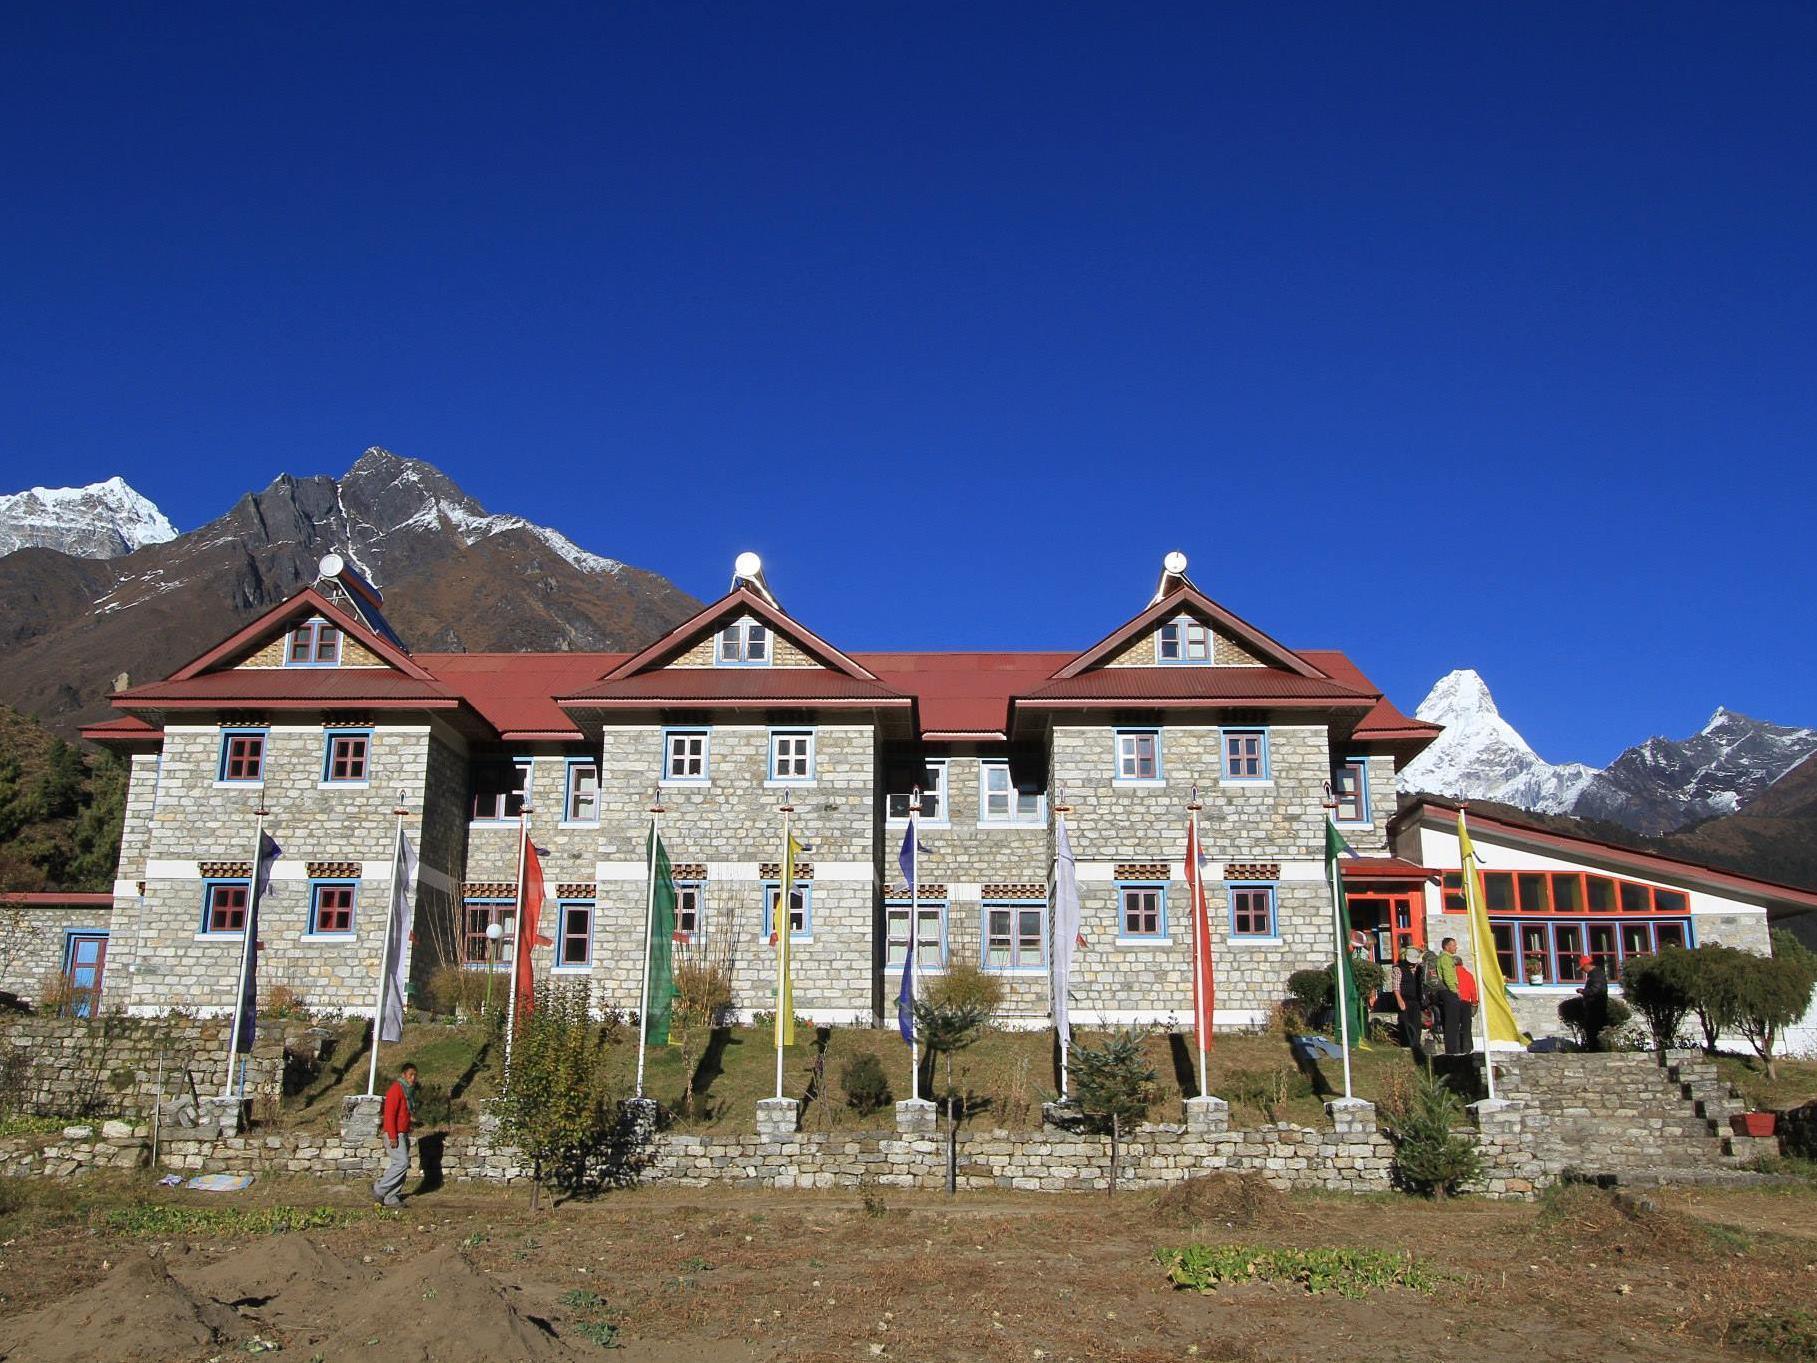 Everest Summit Lodge - Tashinga, Sagarmatha